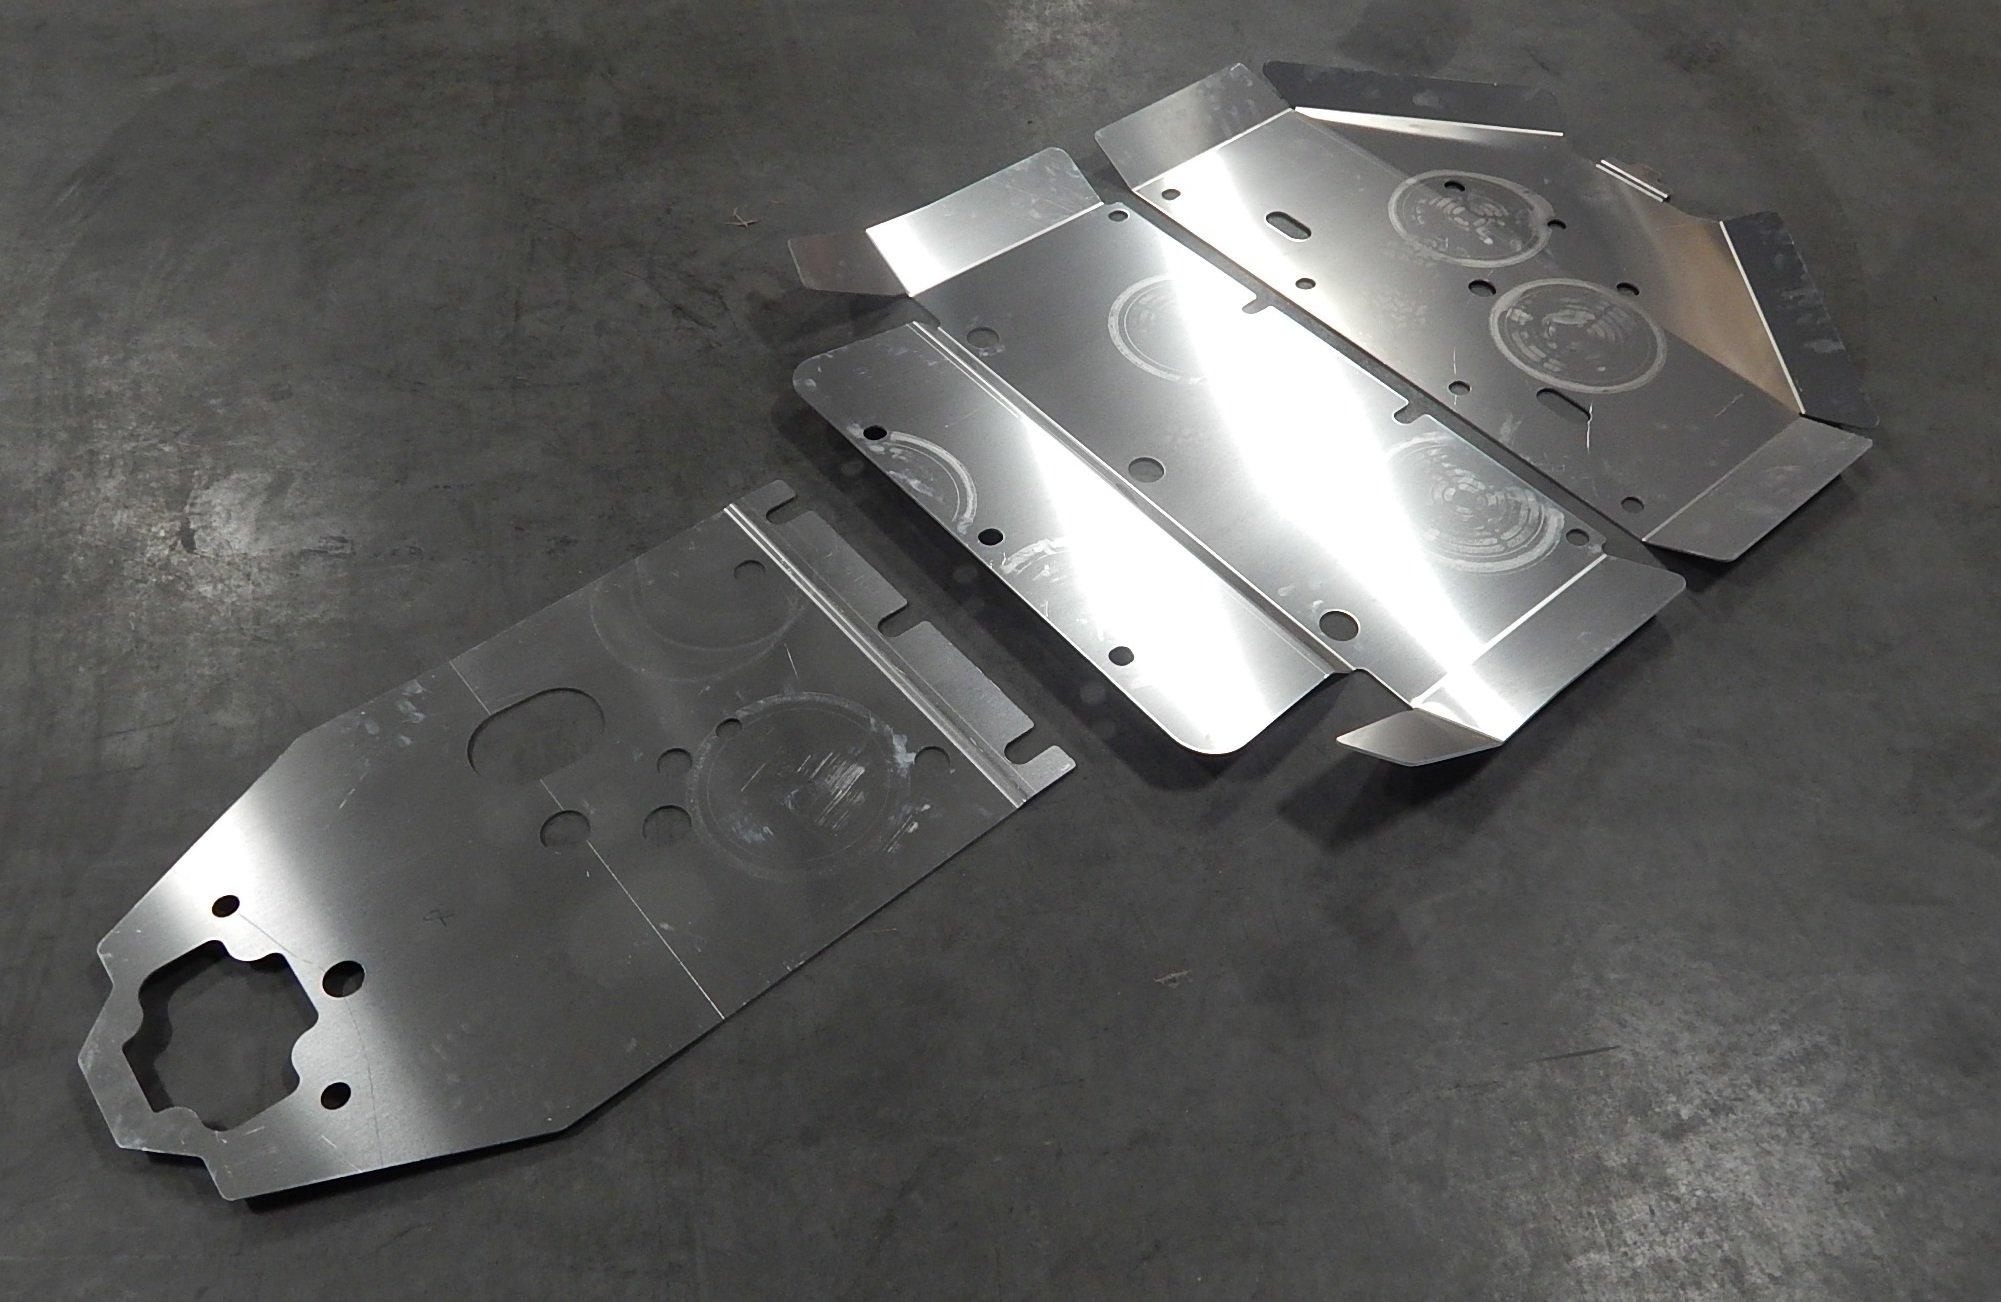 2016-17 Polaris RZR XP 1000 & XP Turbo Skid Plate